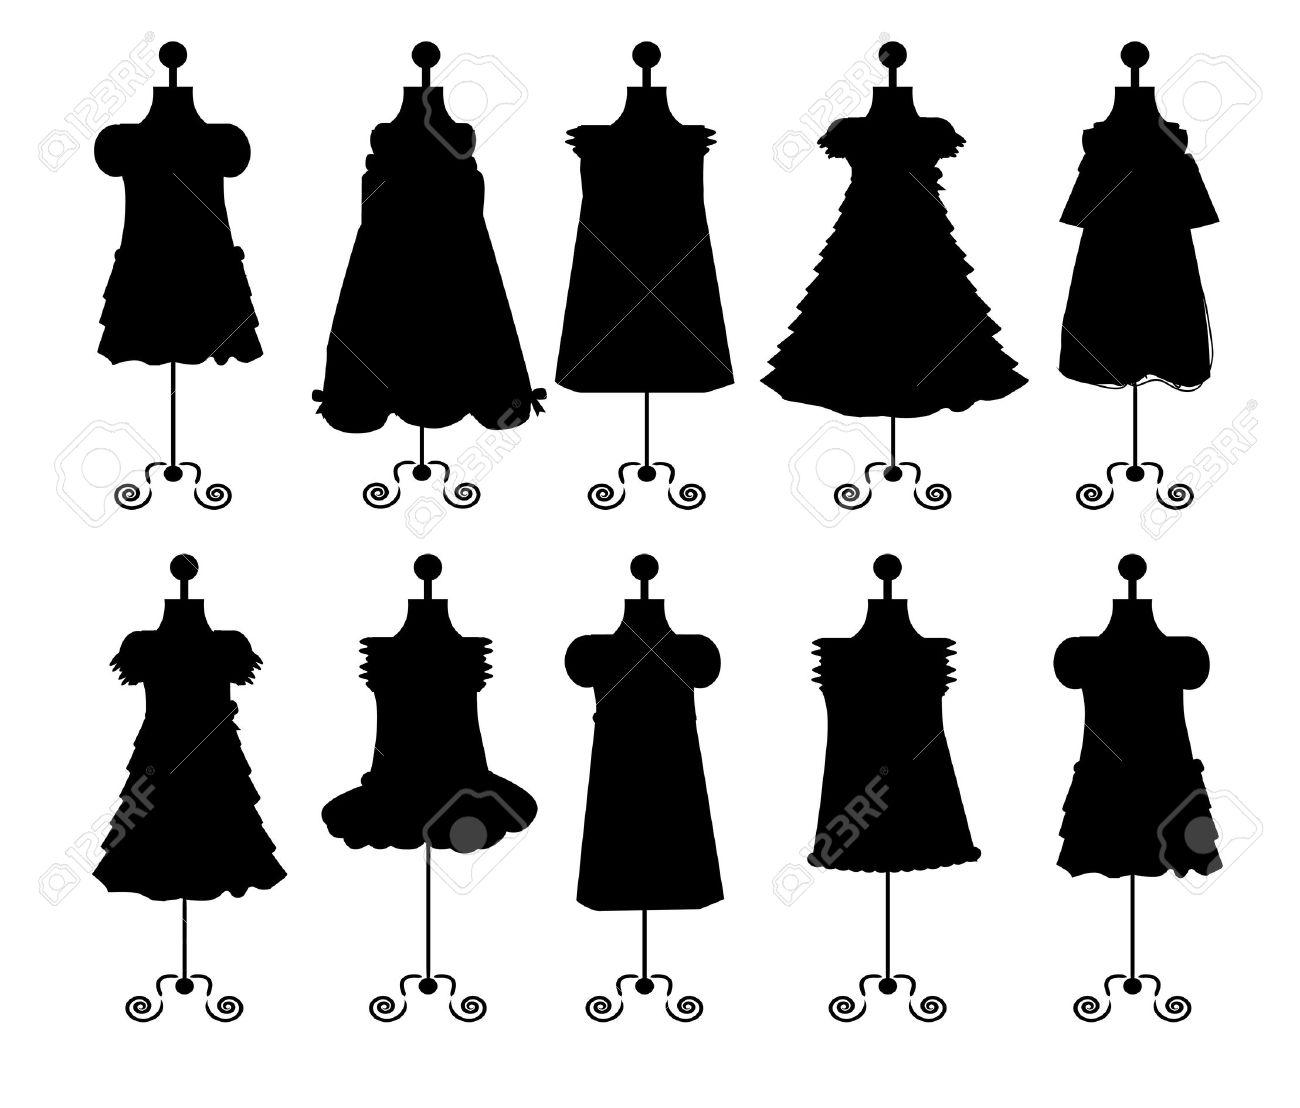 2019年】 ドレス イラスト 素材 , 壁紙、イラスト、キャラクター